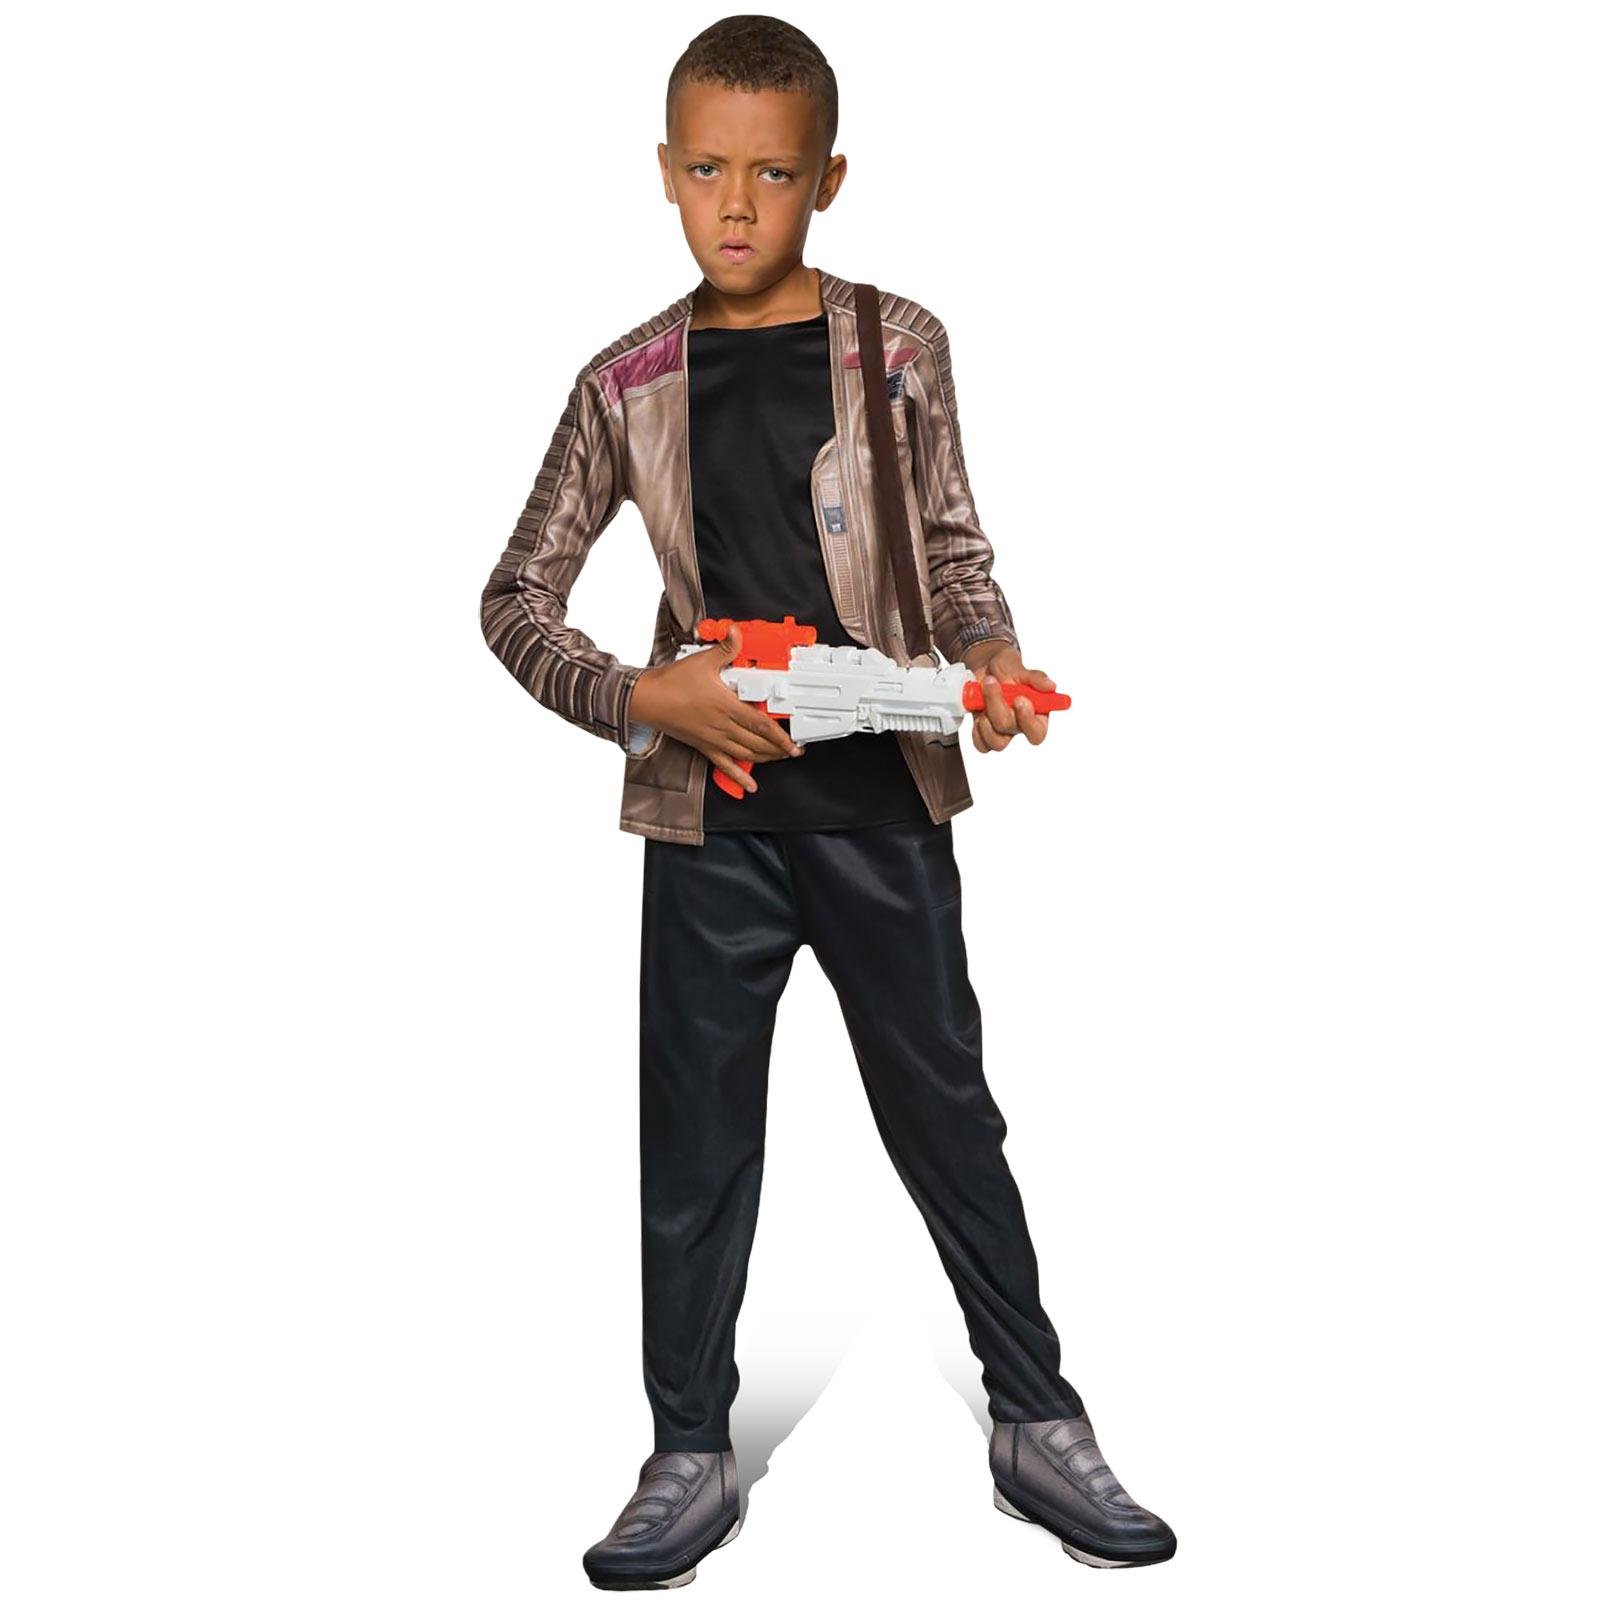 Star Wars - Finn Kostüm Kinder